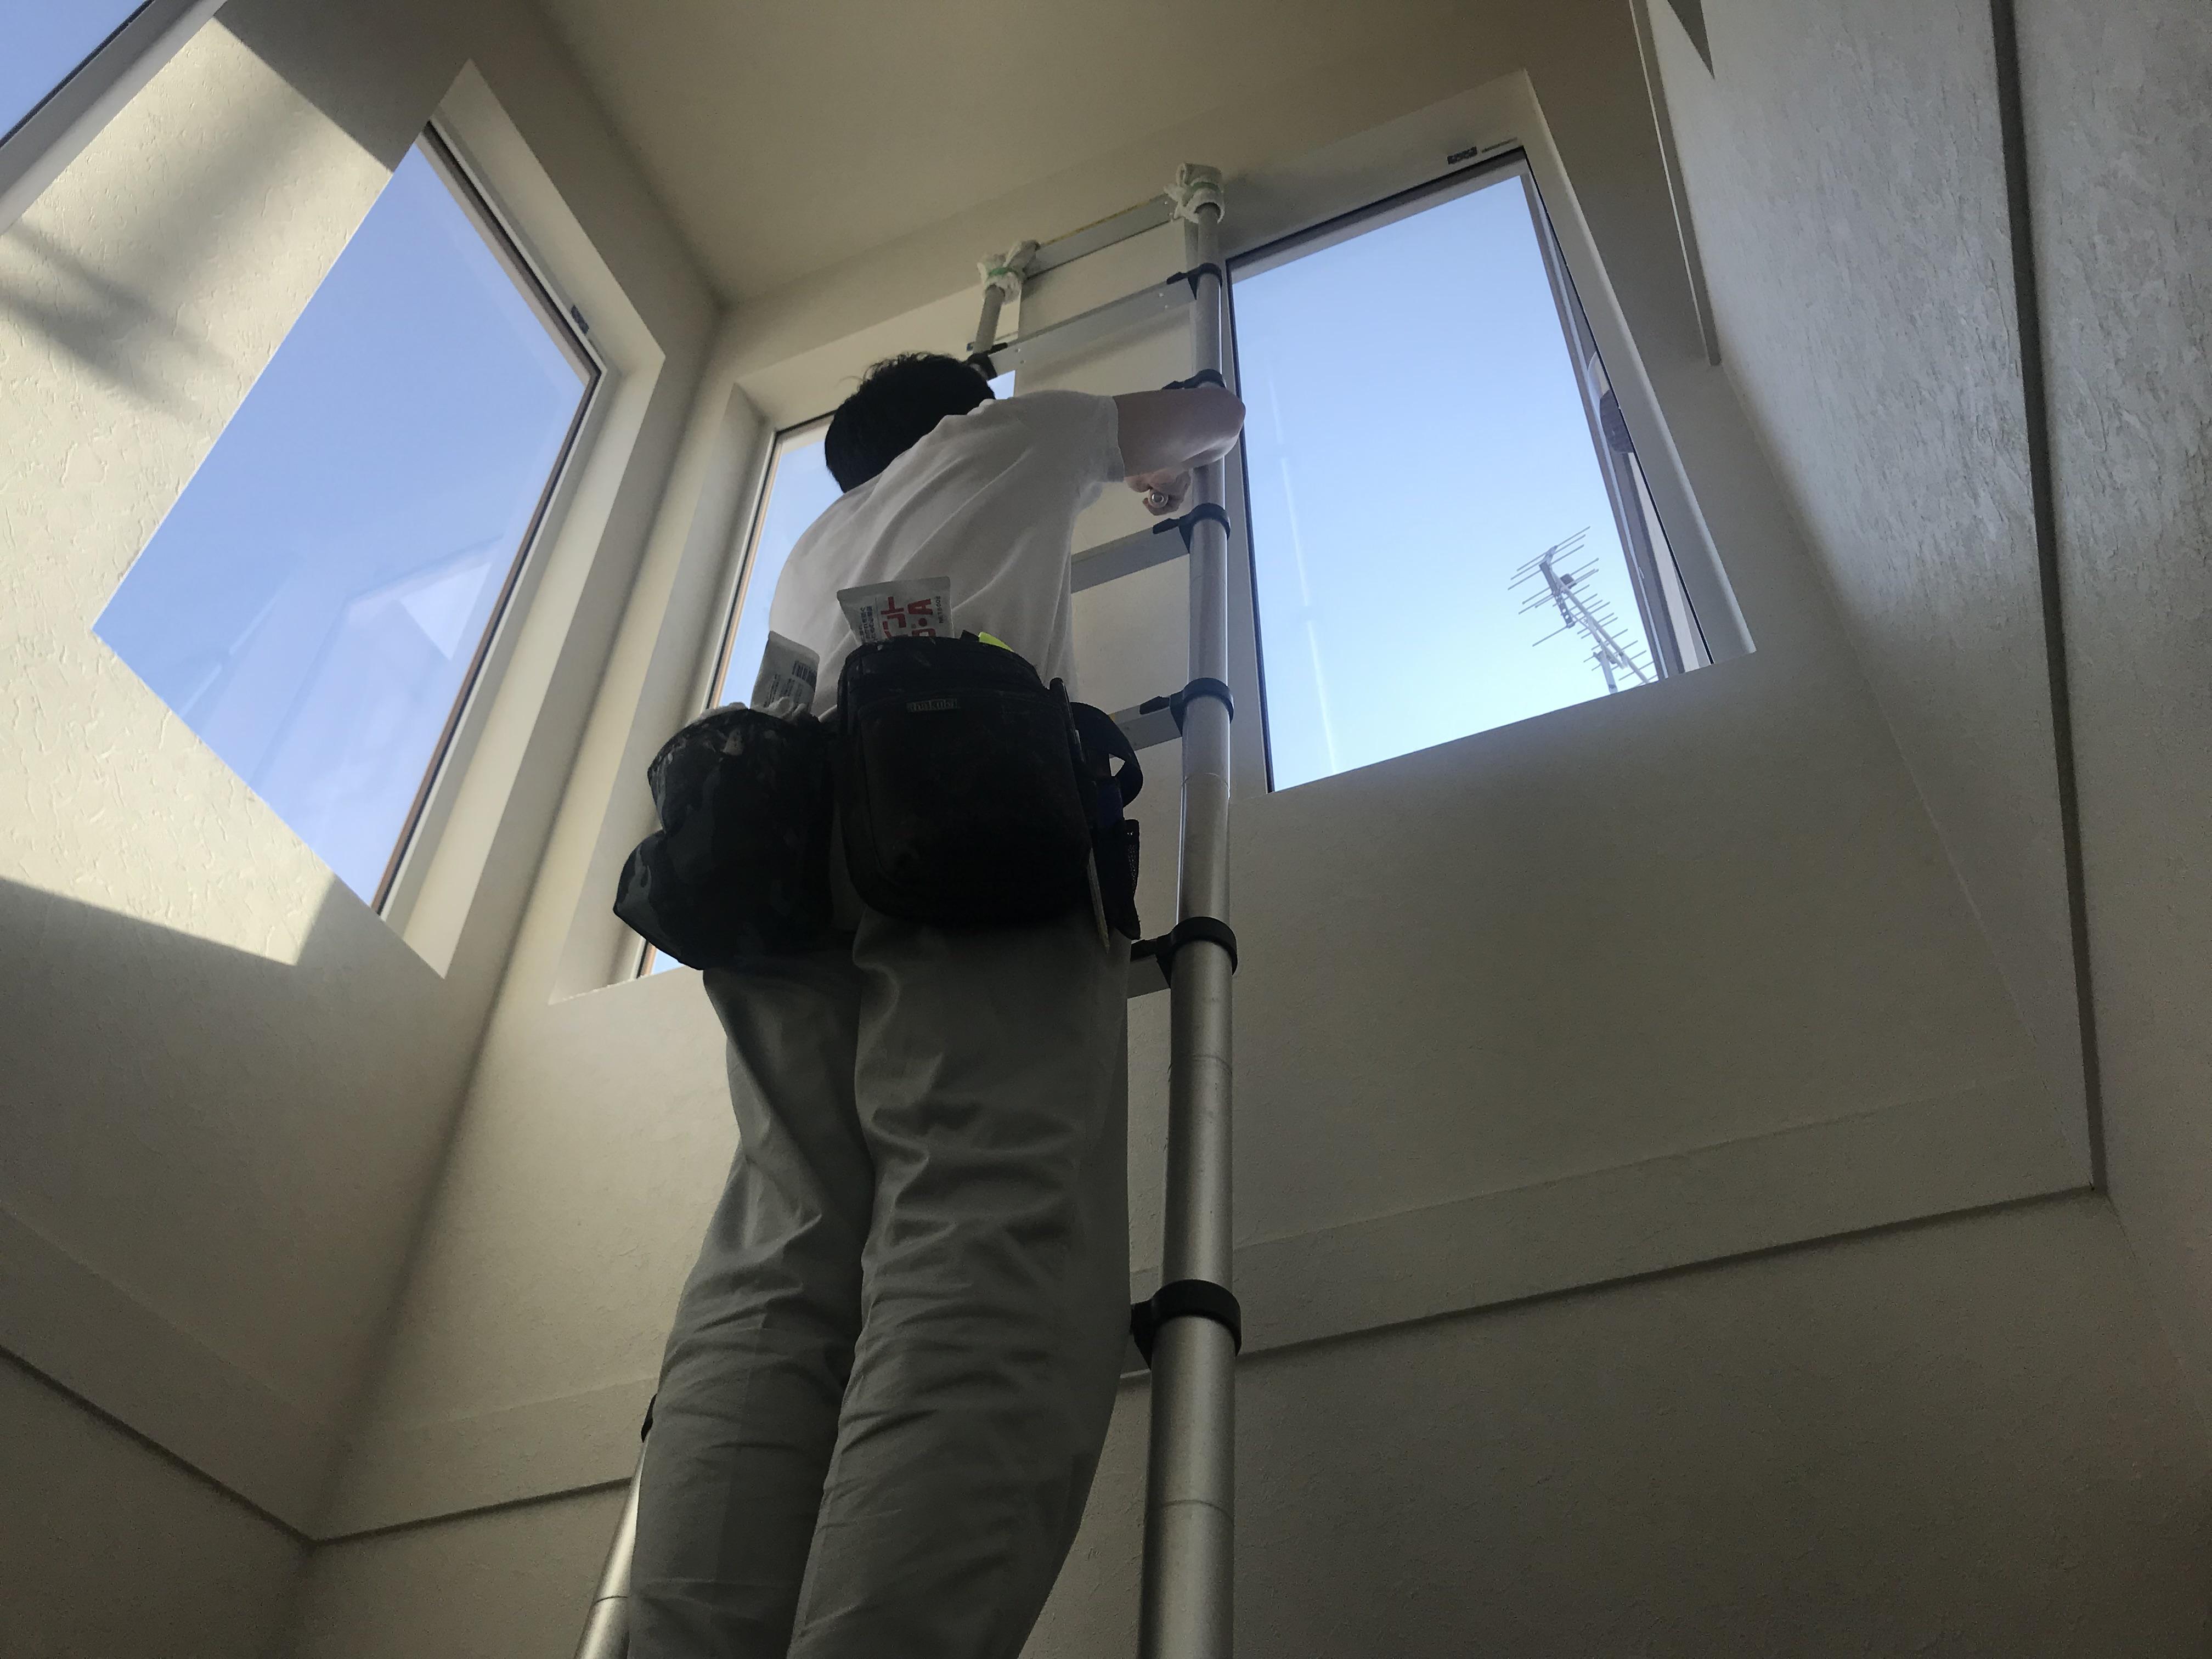 厚別区のクロス張替え、不用品の処分、ゴミ屋敷清掃、遺品整理なら便利屋ラビット